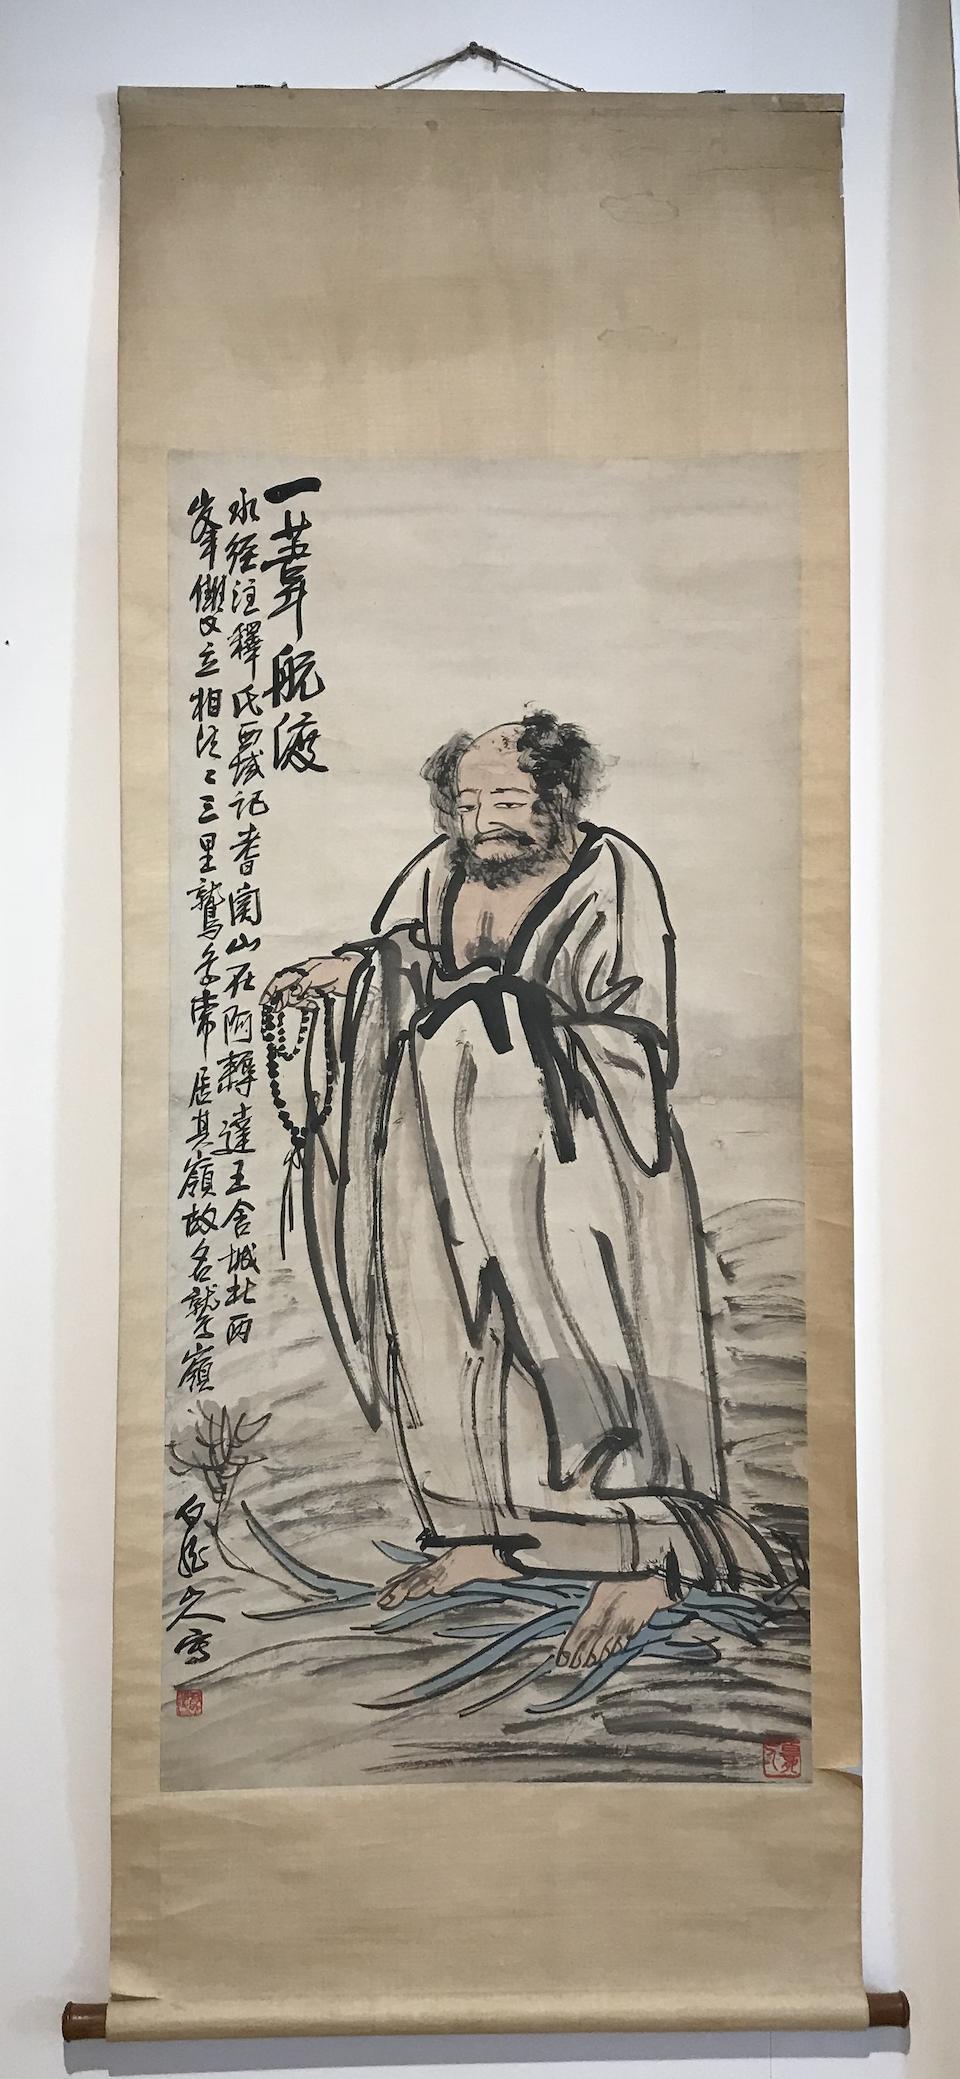 Wang Zhen (1867 - 1938) Bodhidharma